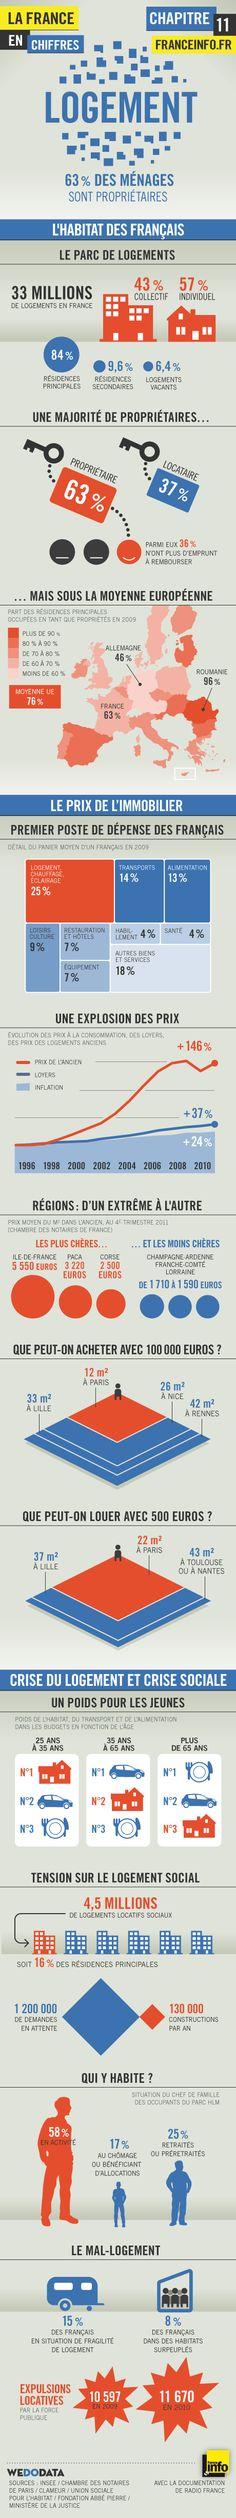 Logement en France / infographic by WeDoData